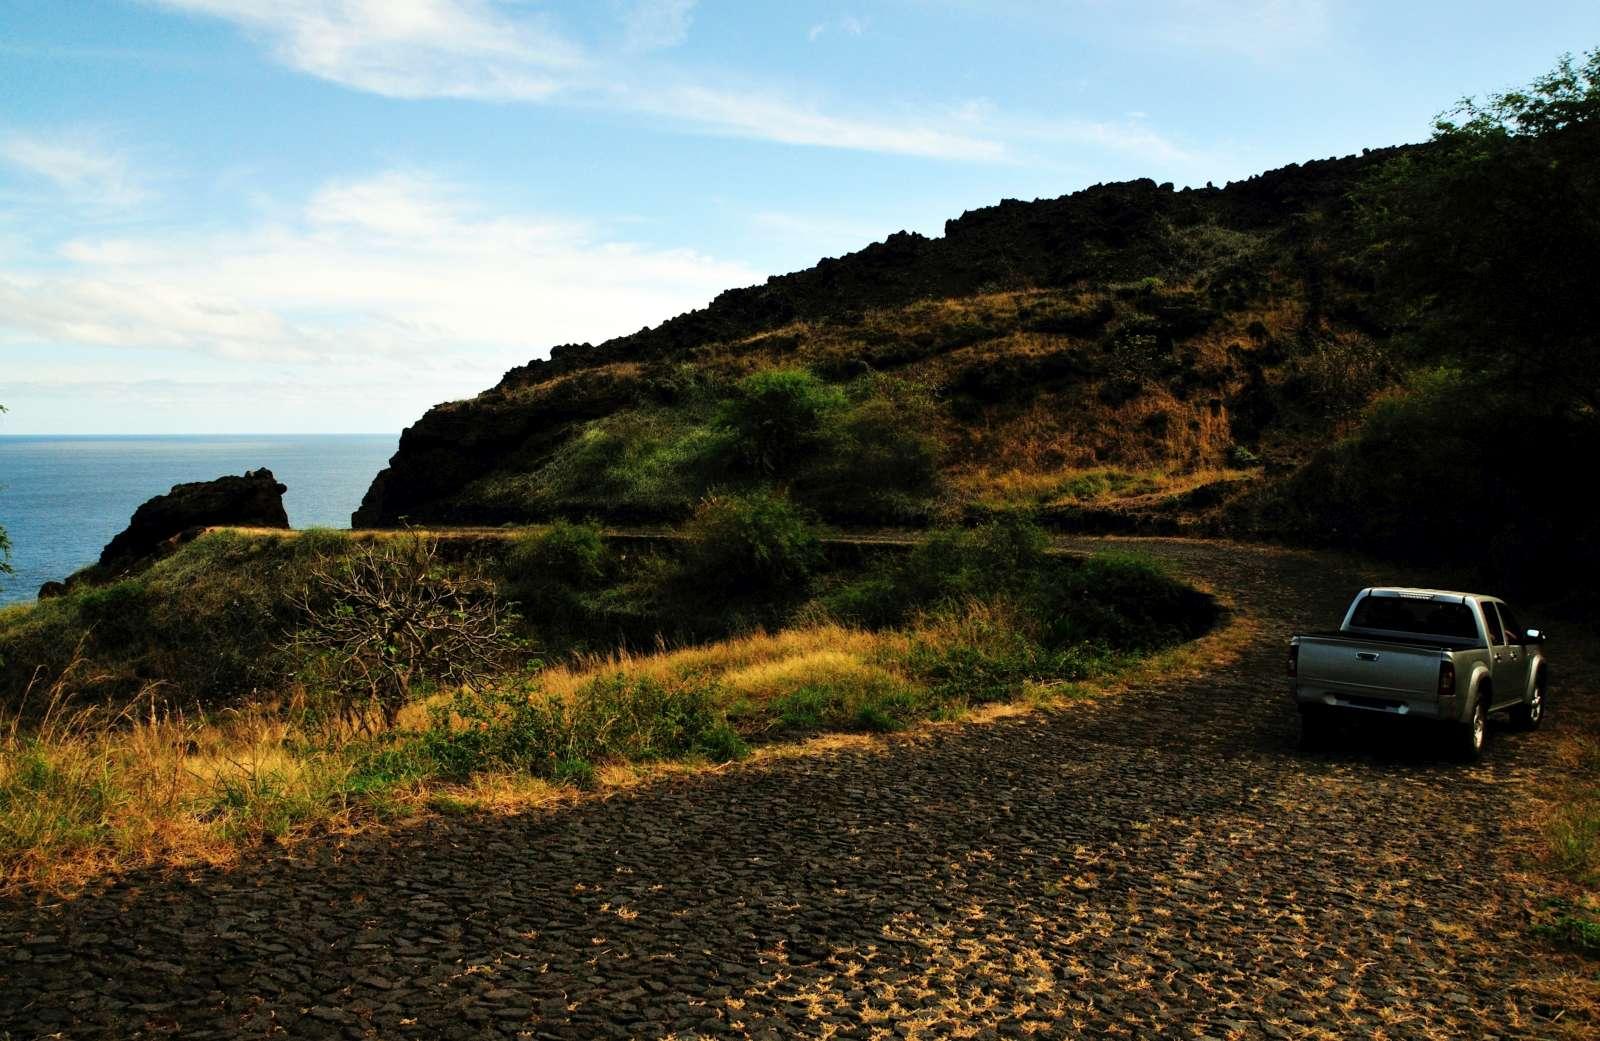 Belle aventure en 4×4 à travers des pistes en terre battue à la rencontre de villages isolés et de paysages volcaniques de l'île de Santo Antão